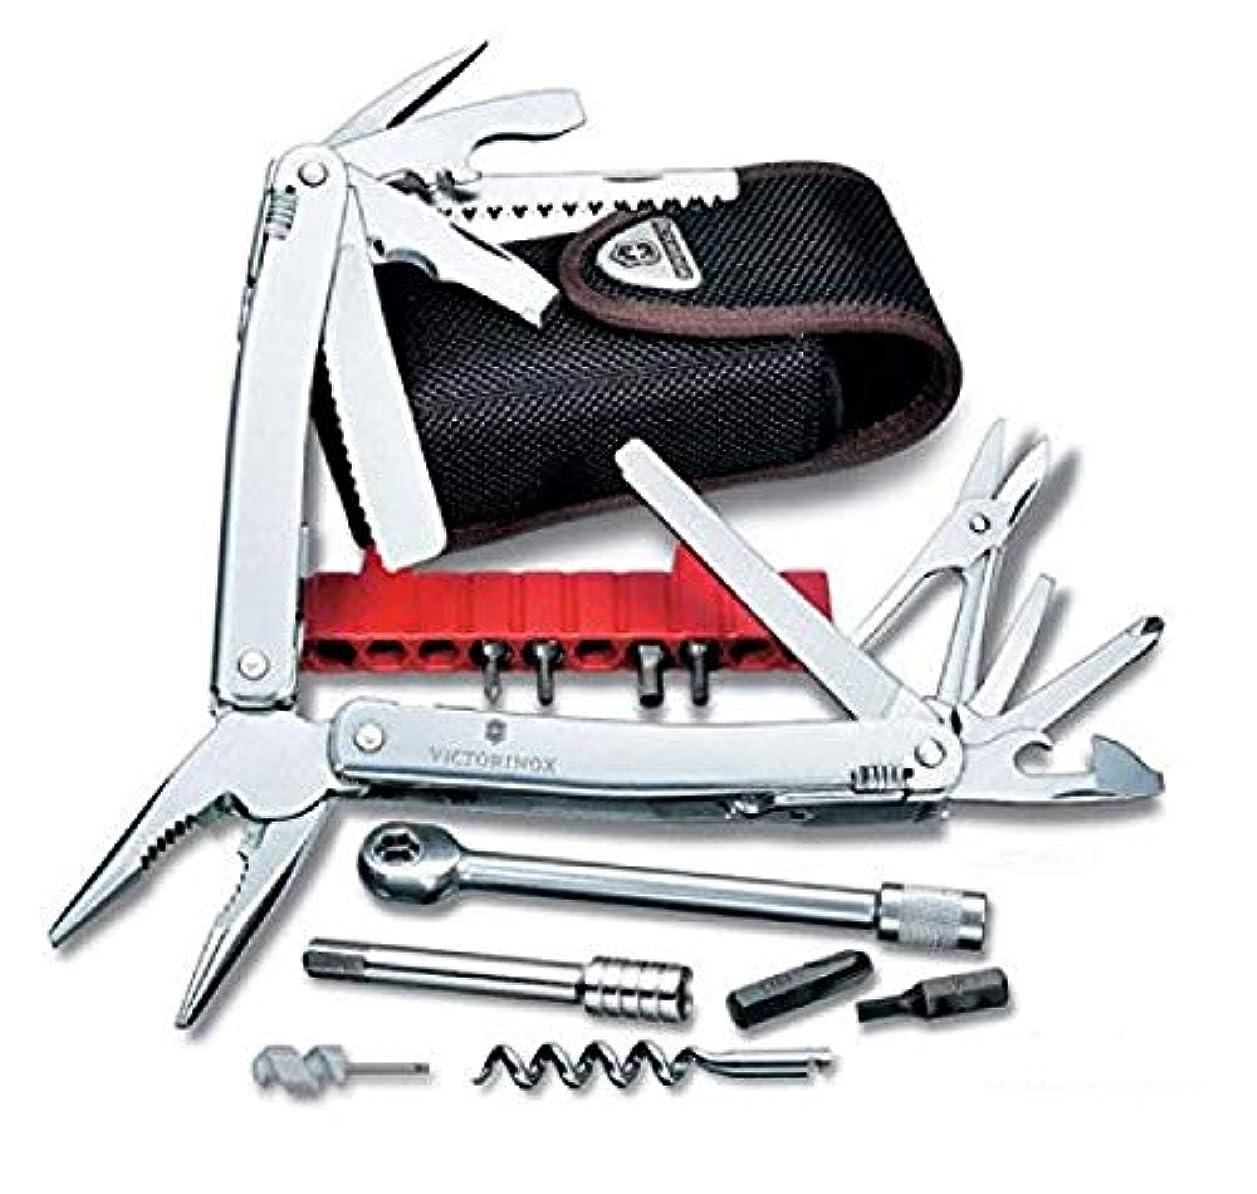 処分したモーター慈善ビクトリノックス (Victorinox) VTNX スイスツールスピリットプラス #3.0239.N スポーツ レジャー DIY 工具 工具セット top1-ds-1853718-ak [簡易パッケージ品]